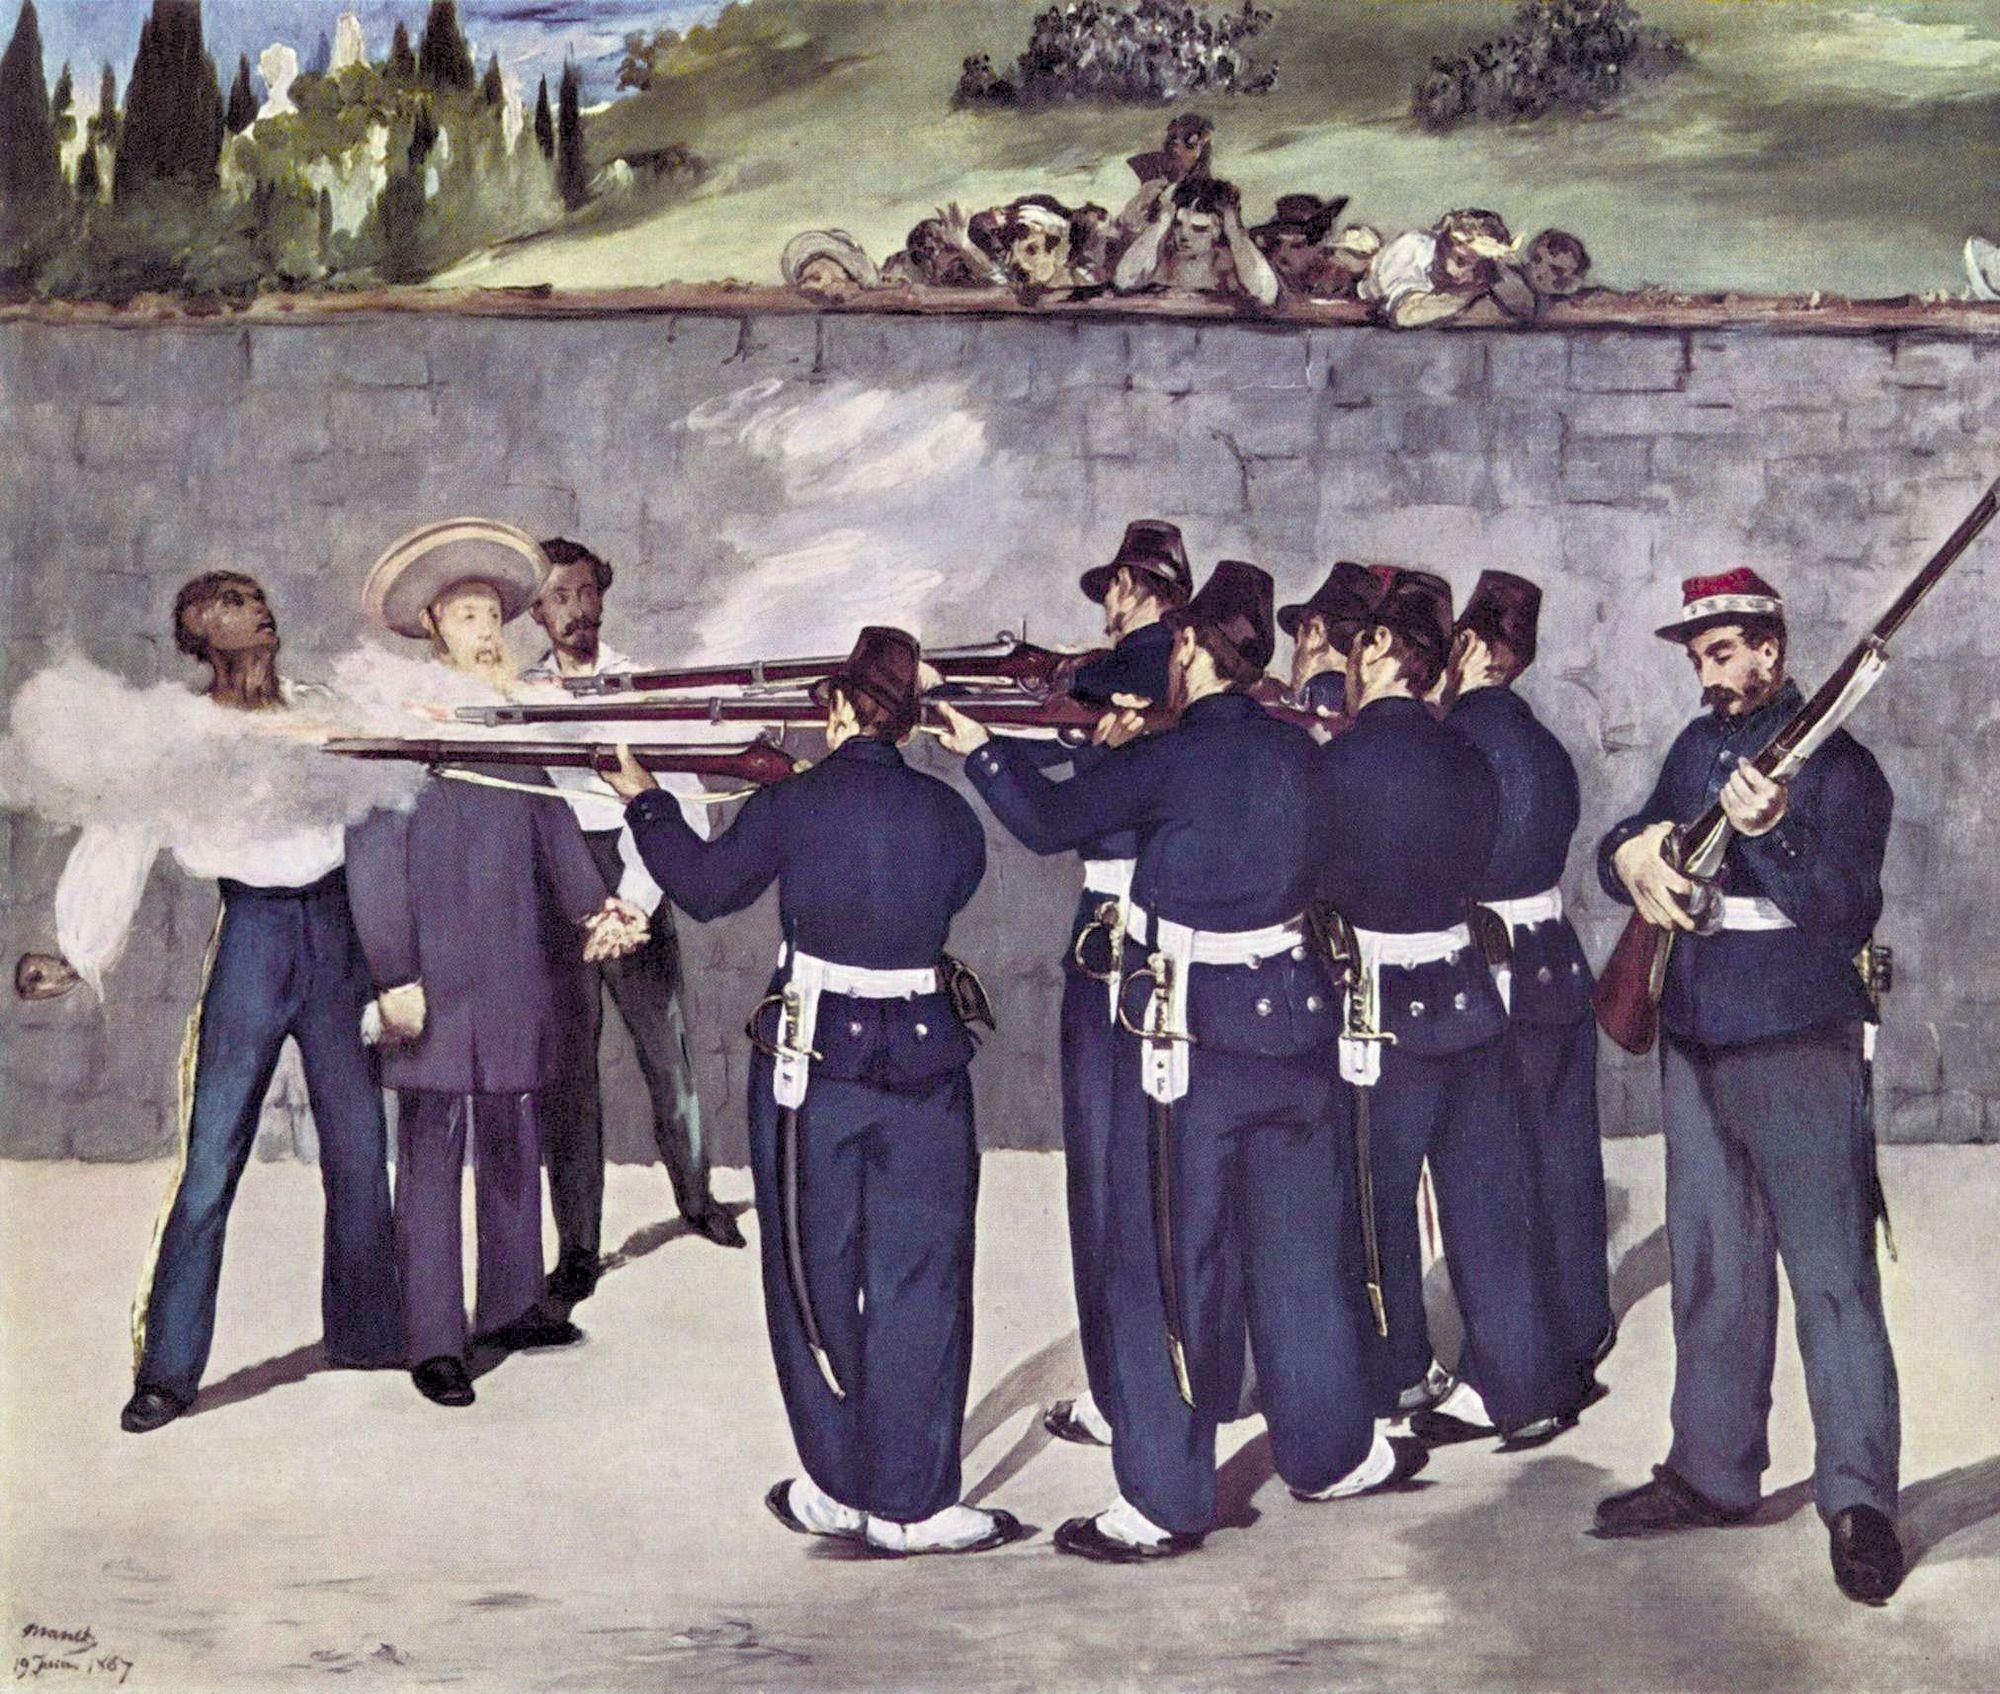 Édouard Manet, L'Exécution de Maximilien, 1867